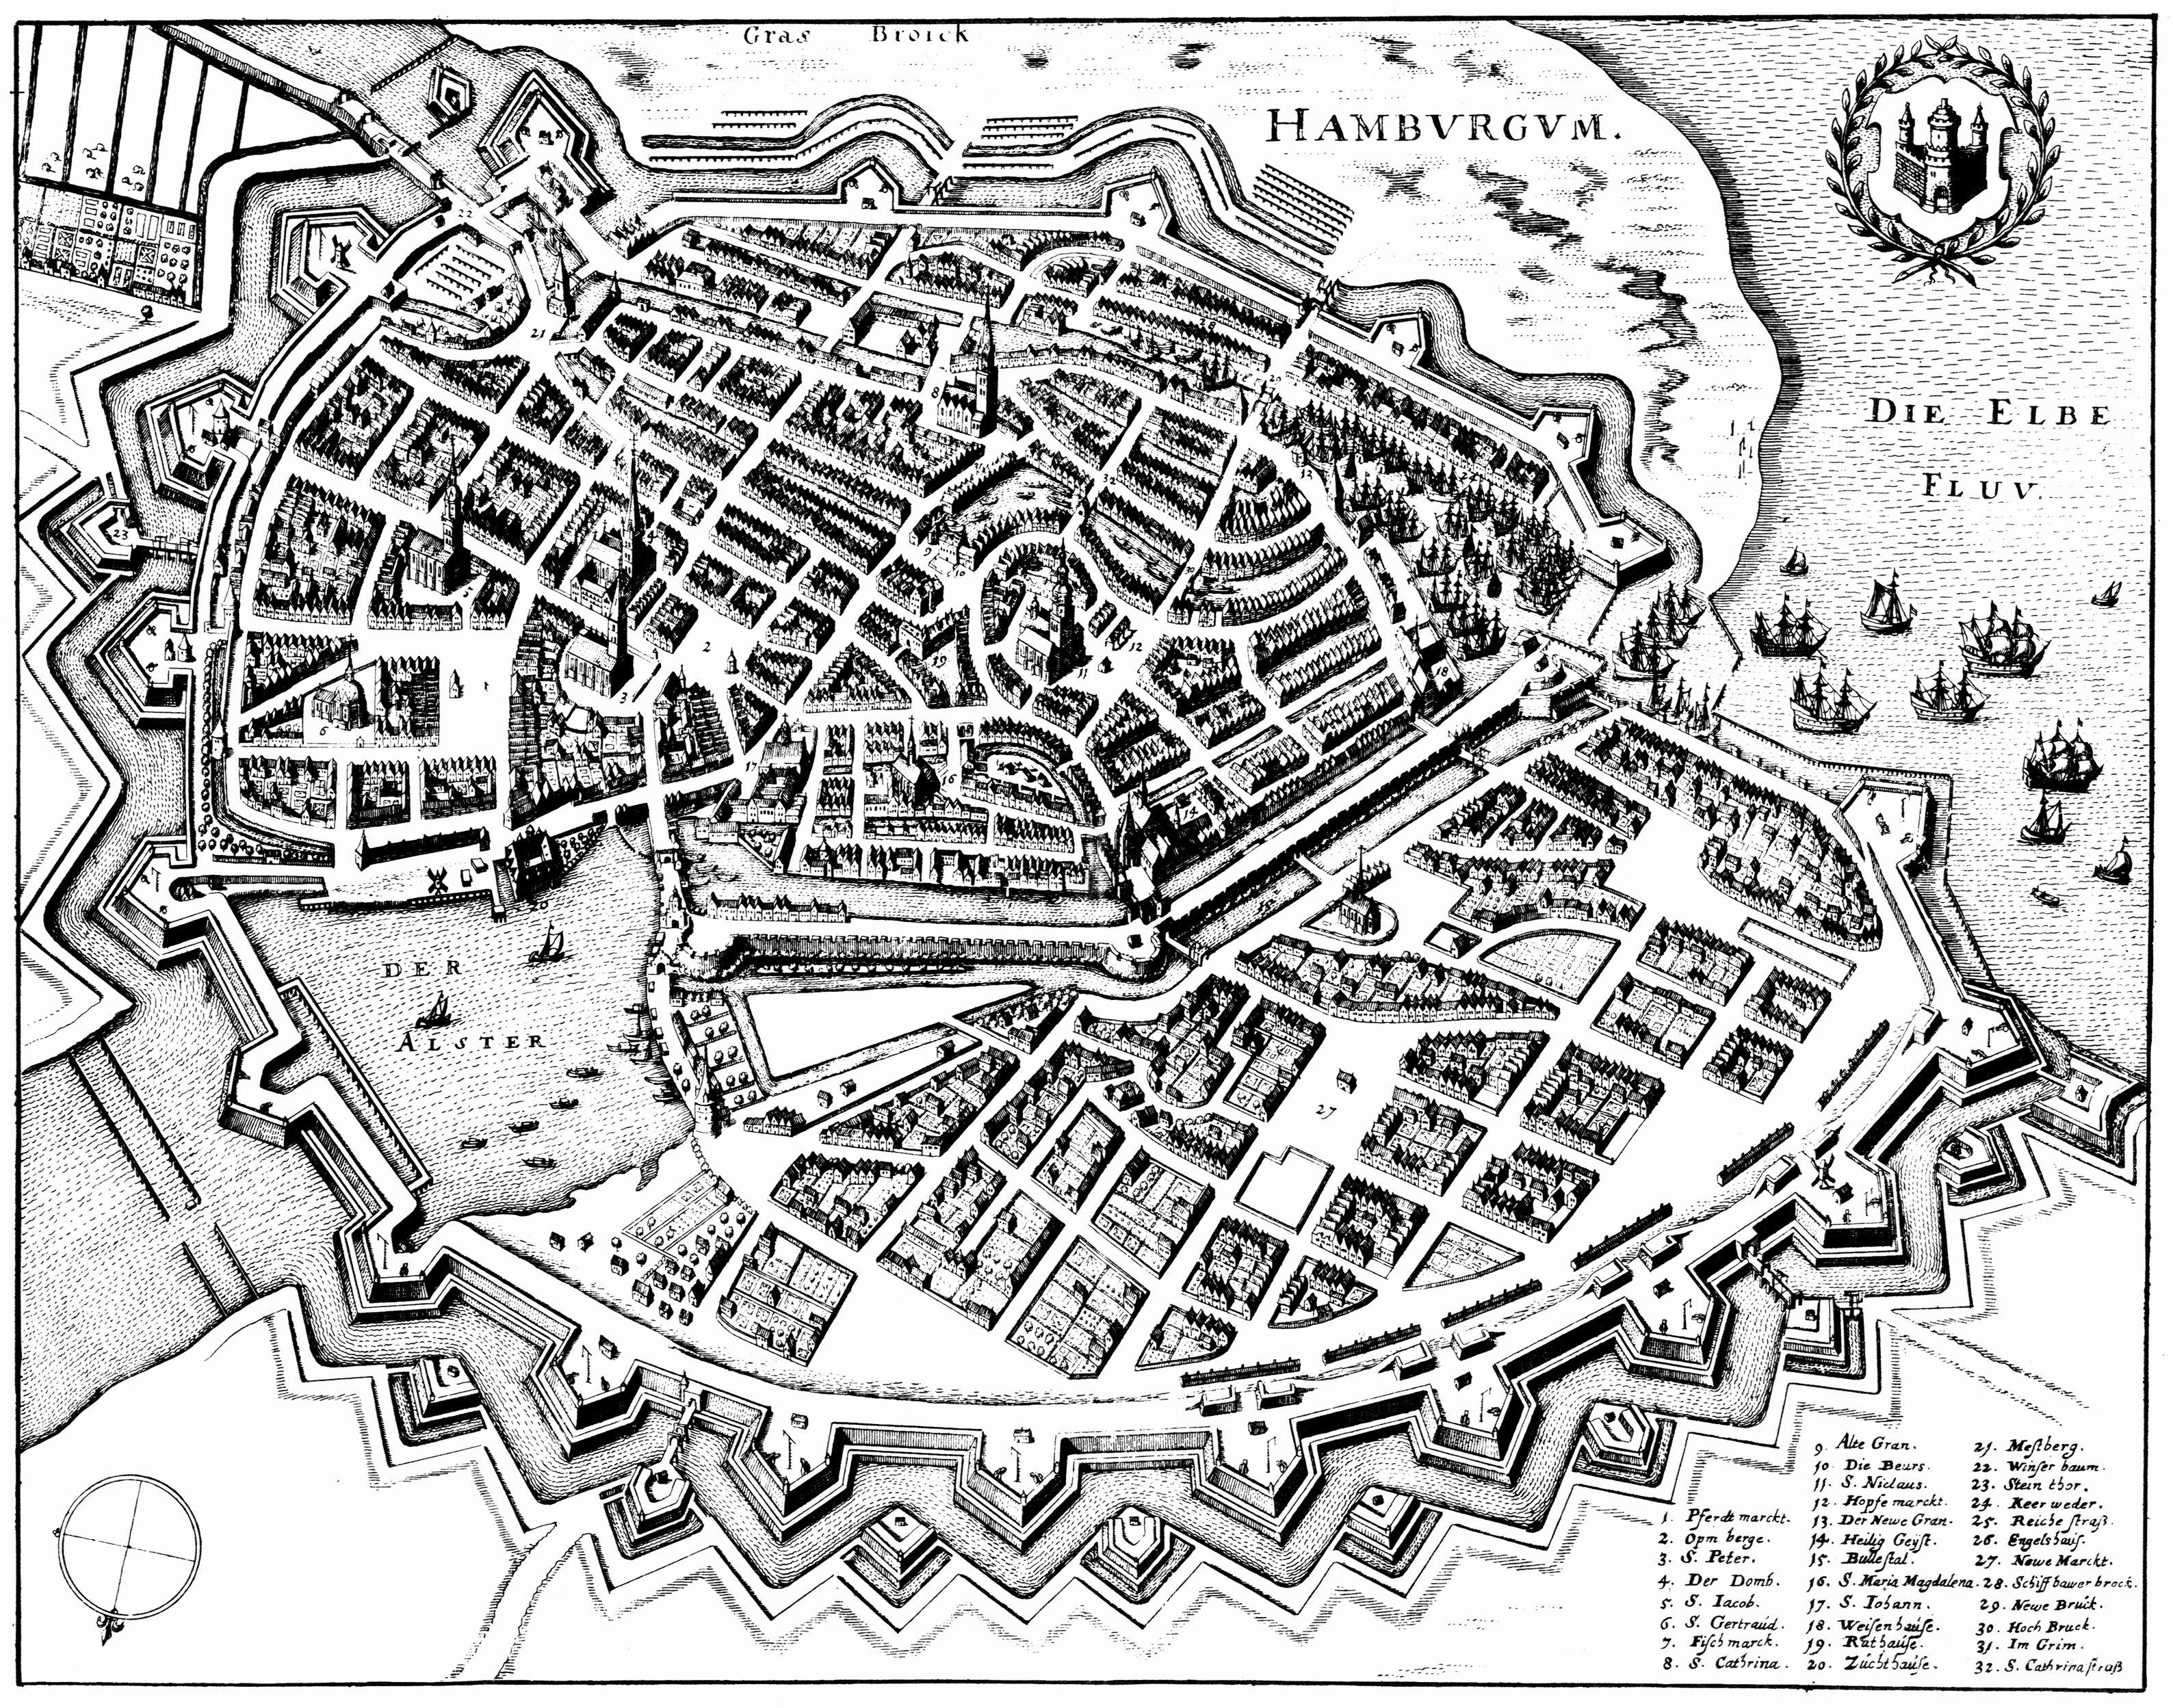 Hamburgo 1641